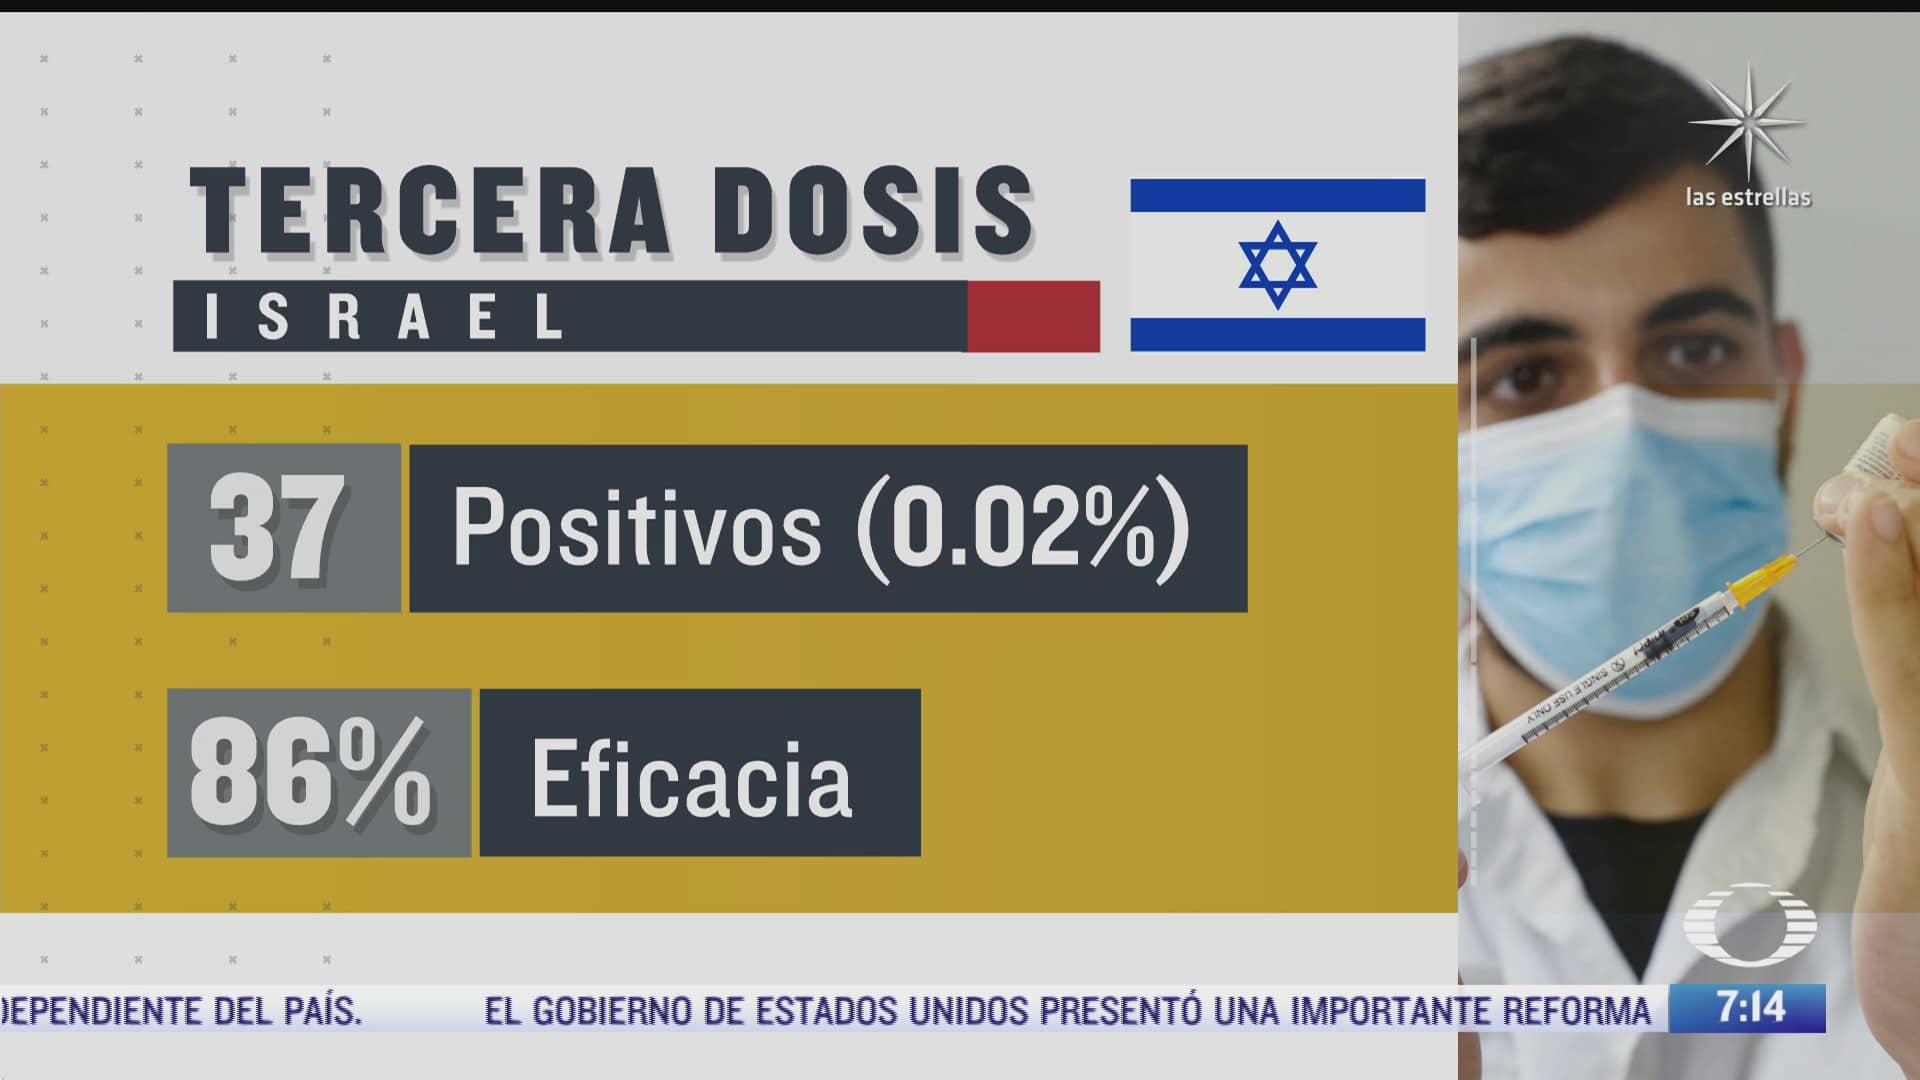 israel aplica tercera dosis de vacuna covid 19 de pfizer